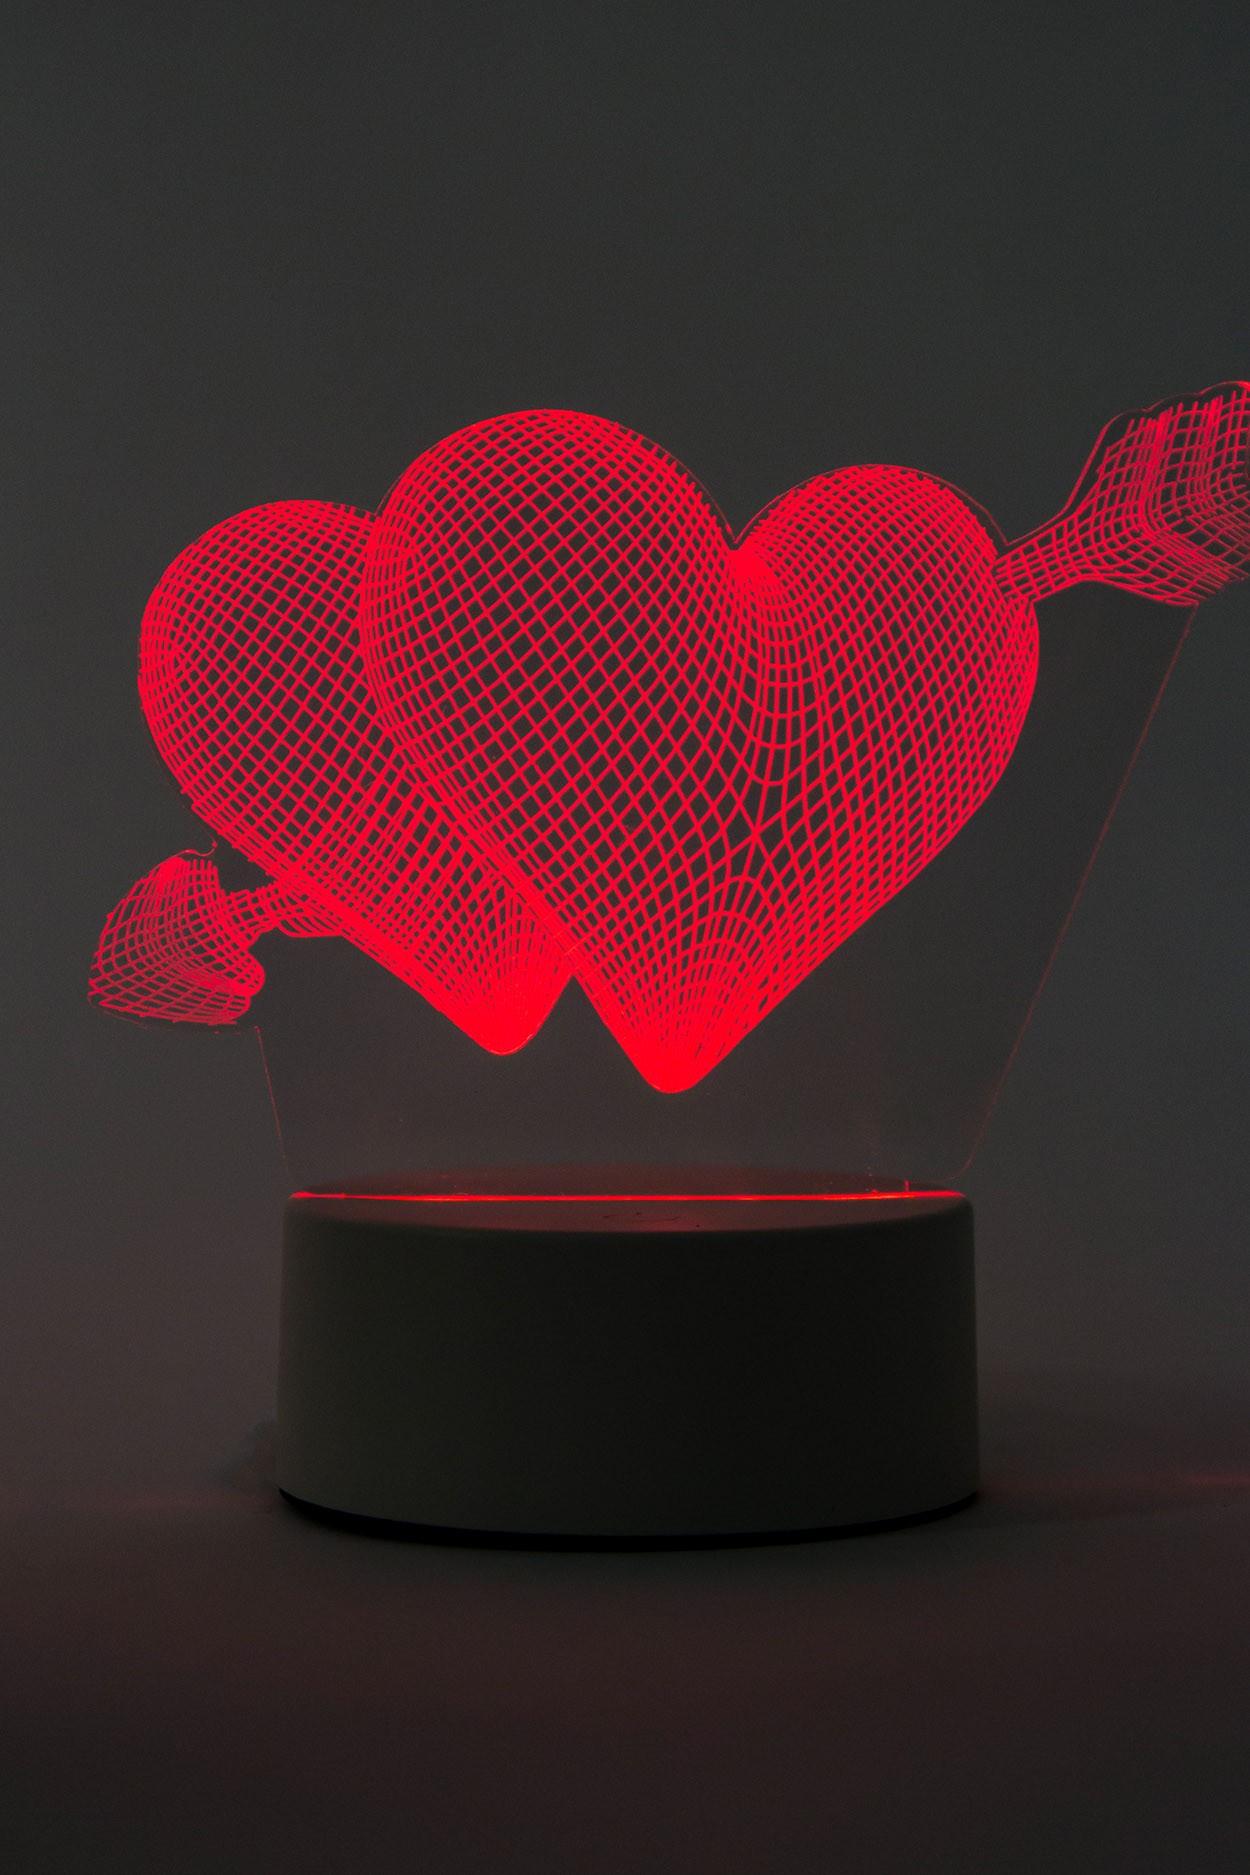 3D светодиодная лампа Сердце со стрелой 3 цвета